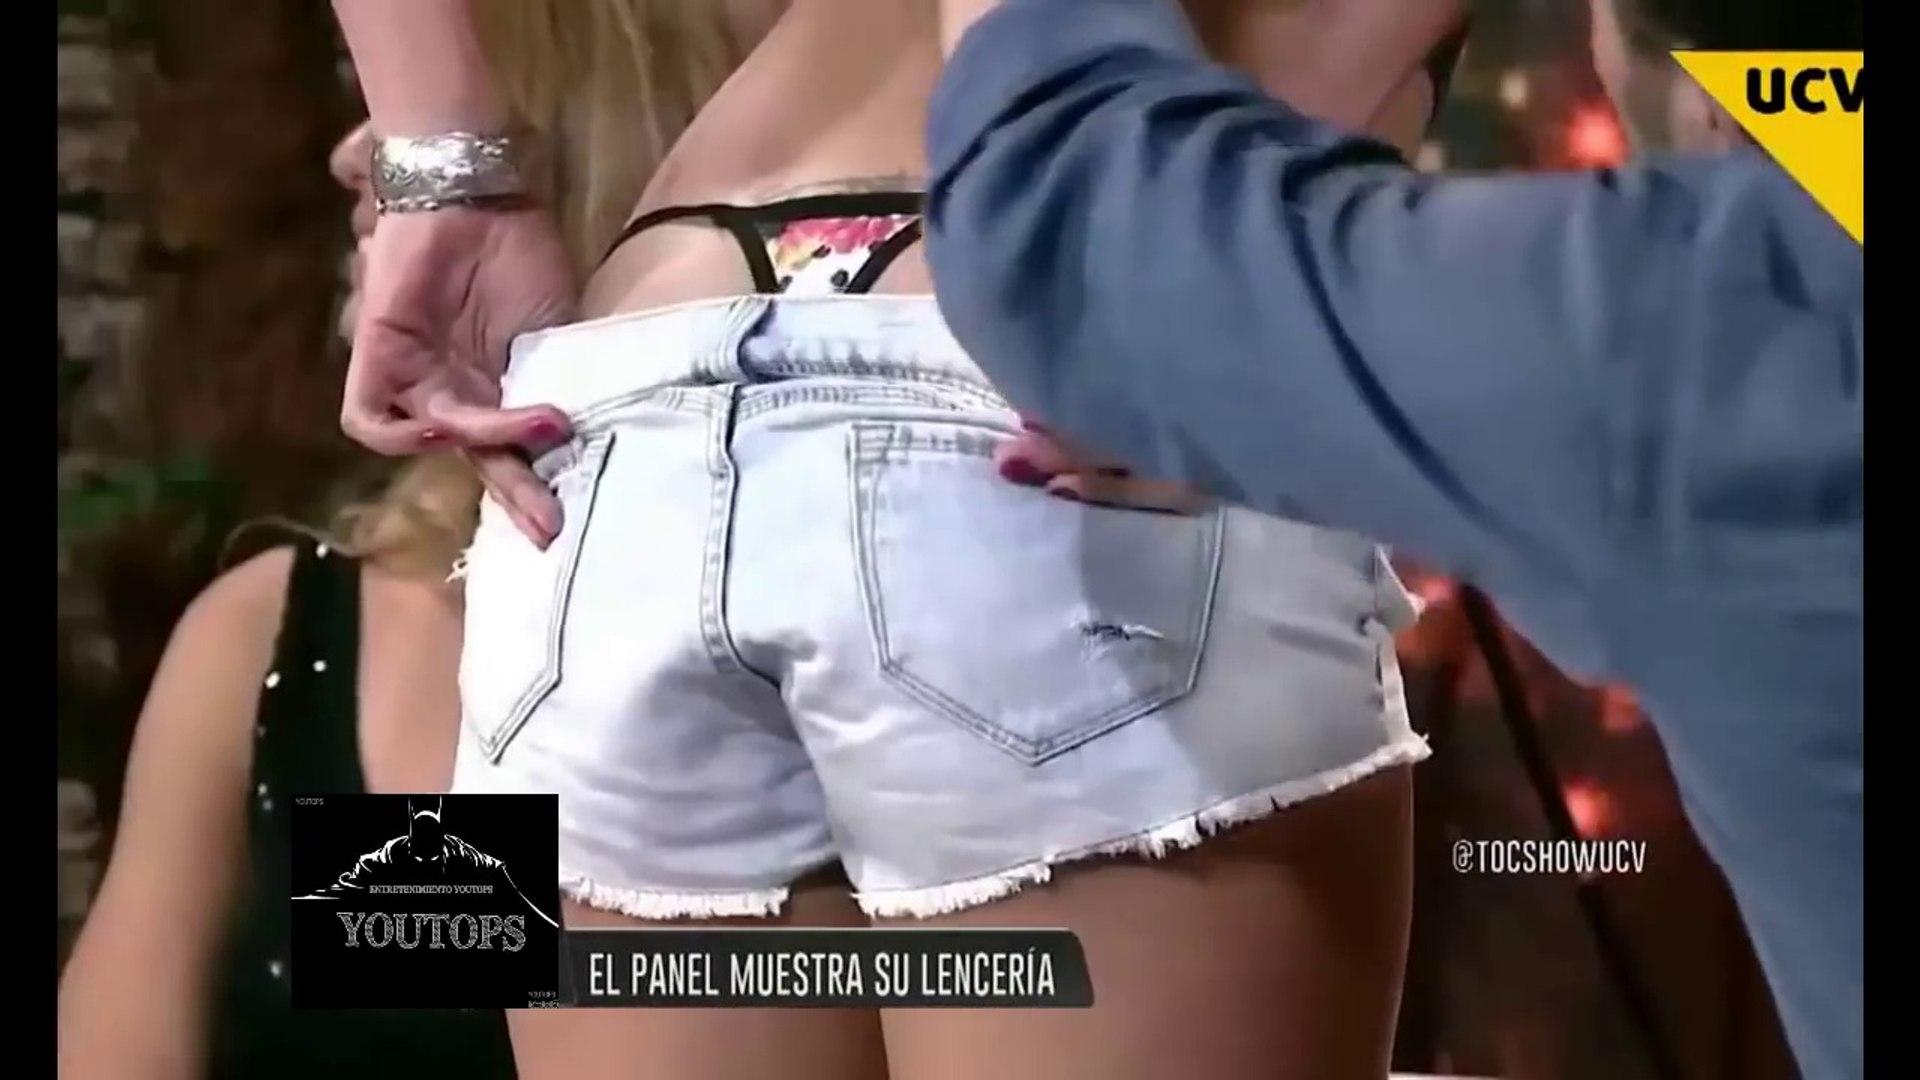 Mujeres Enseñando La Tanga conductoras se levantan la falda y enseÑan los calzones en television